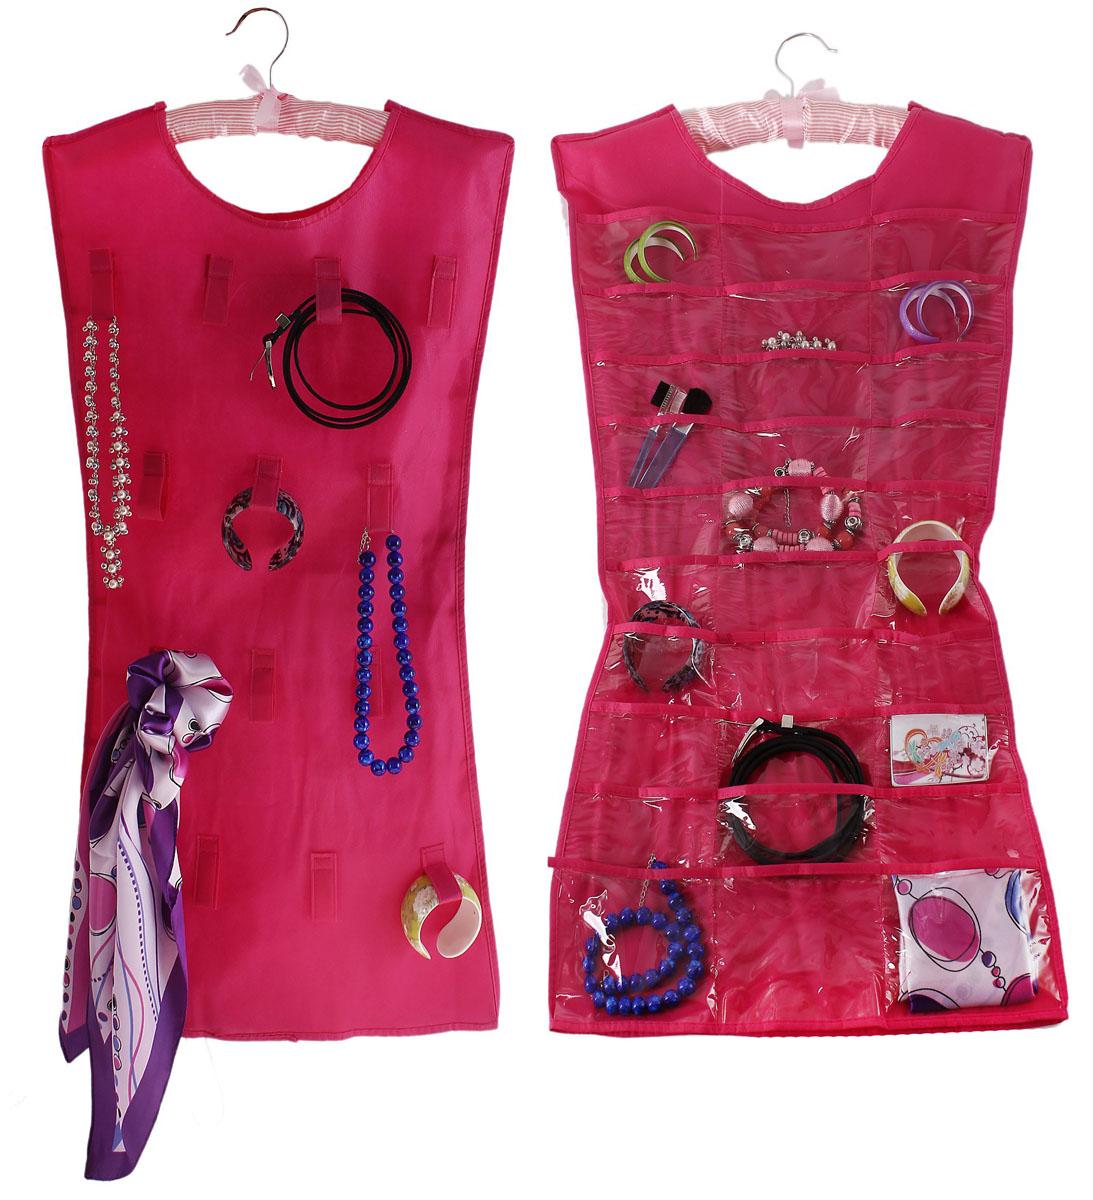 """Оригинальный органайзер """"Sima-land"""", изготовленный из текстиля и ПВХ, предназначен для удобного и компактного хранения бижутерии и других различных украшений. Изделие представляет собой платье, которое можно вешать на вешалку в необходимом для вас месте. Платье с одной стороны оснащено 30 прозрачными карманами, с другой стороны - 14 текстильными петельками.Этот нужный предмет может стать одновременно и декоративным элементом комнаты."""